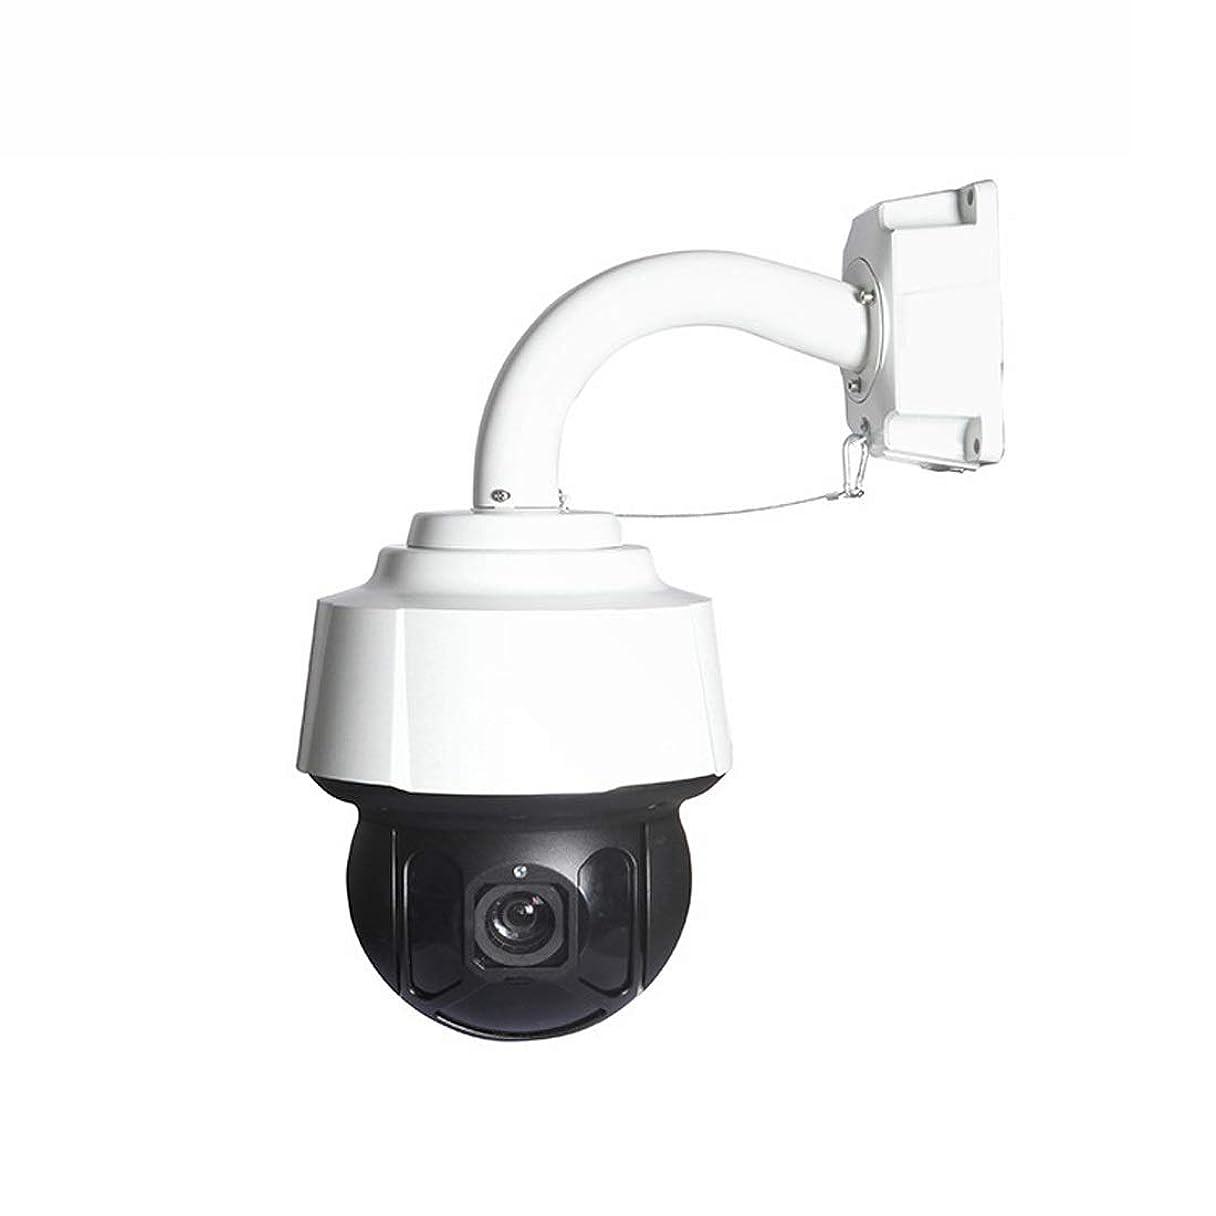 爆発物地下鉄アルプスノウ建材貿易 30倍PTZ監視カメラ (色 : ホワイト)